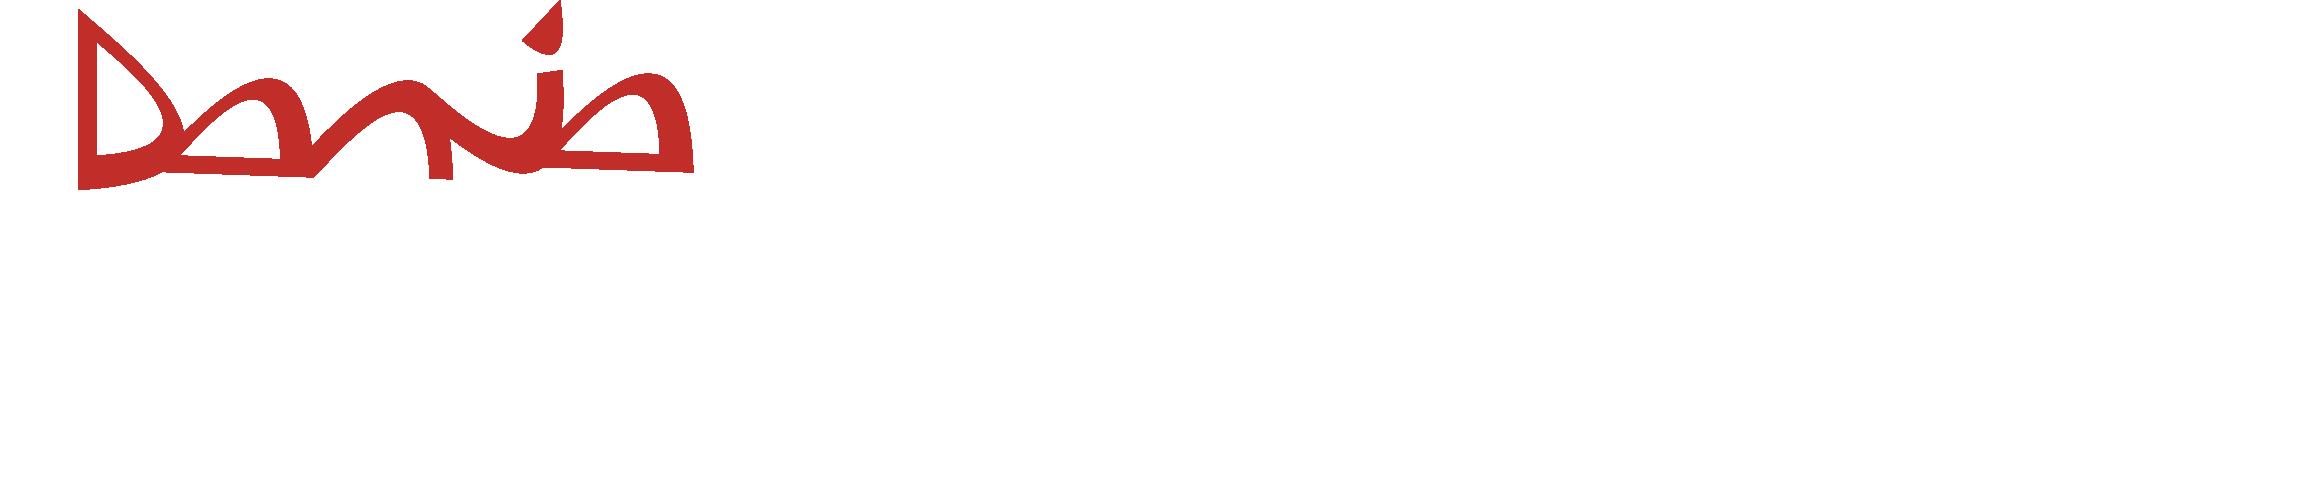 AKT Dania Games Logo_white.png